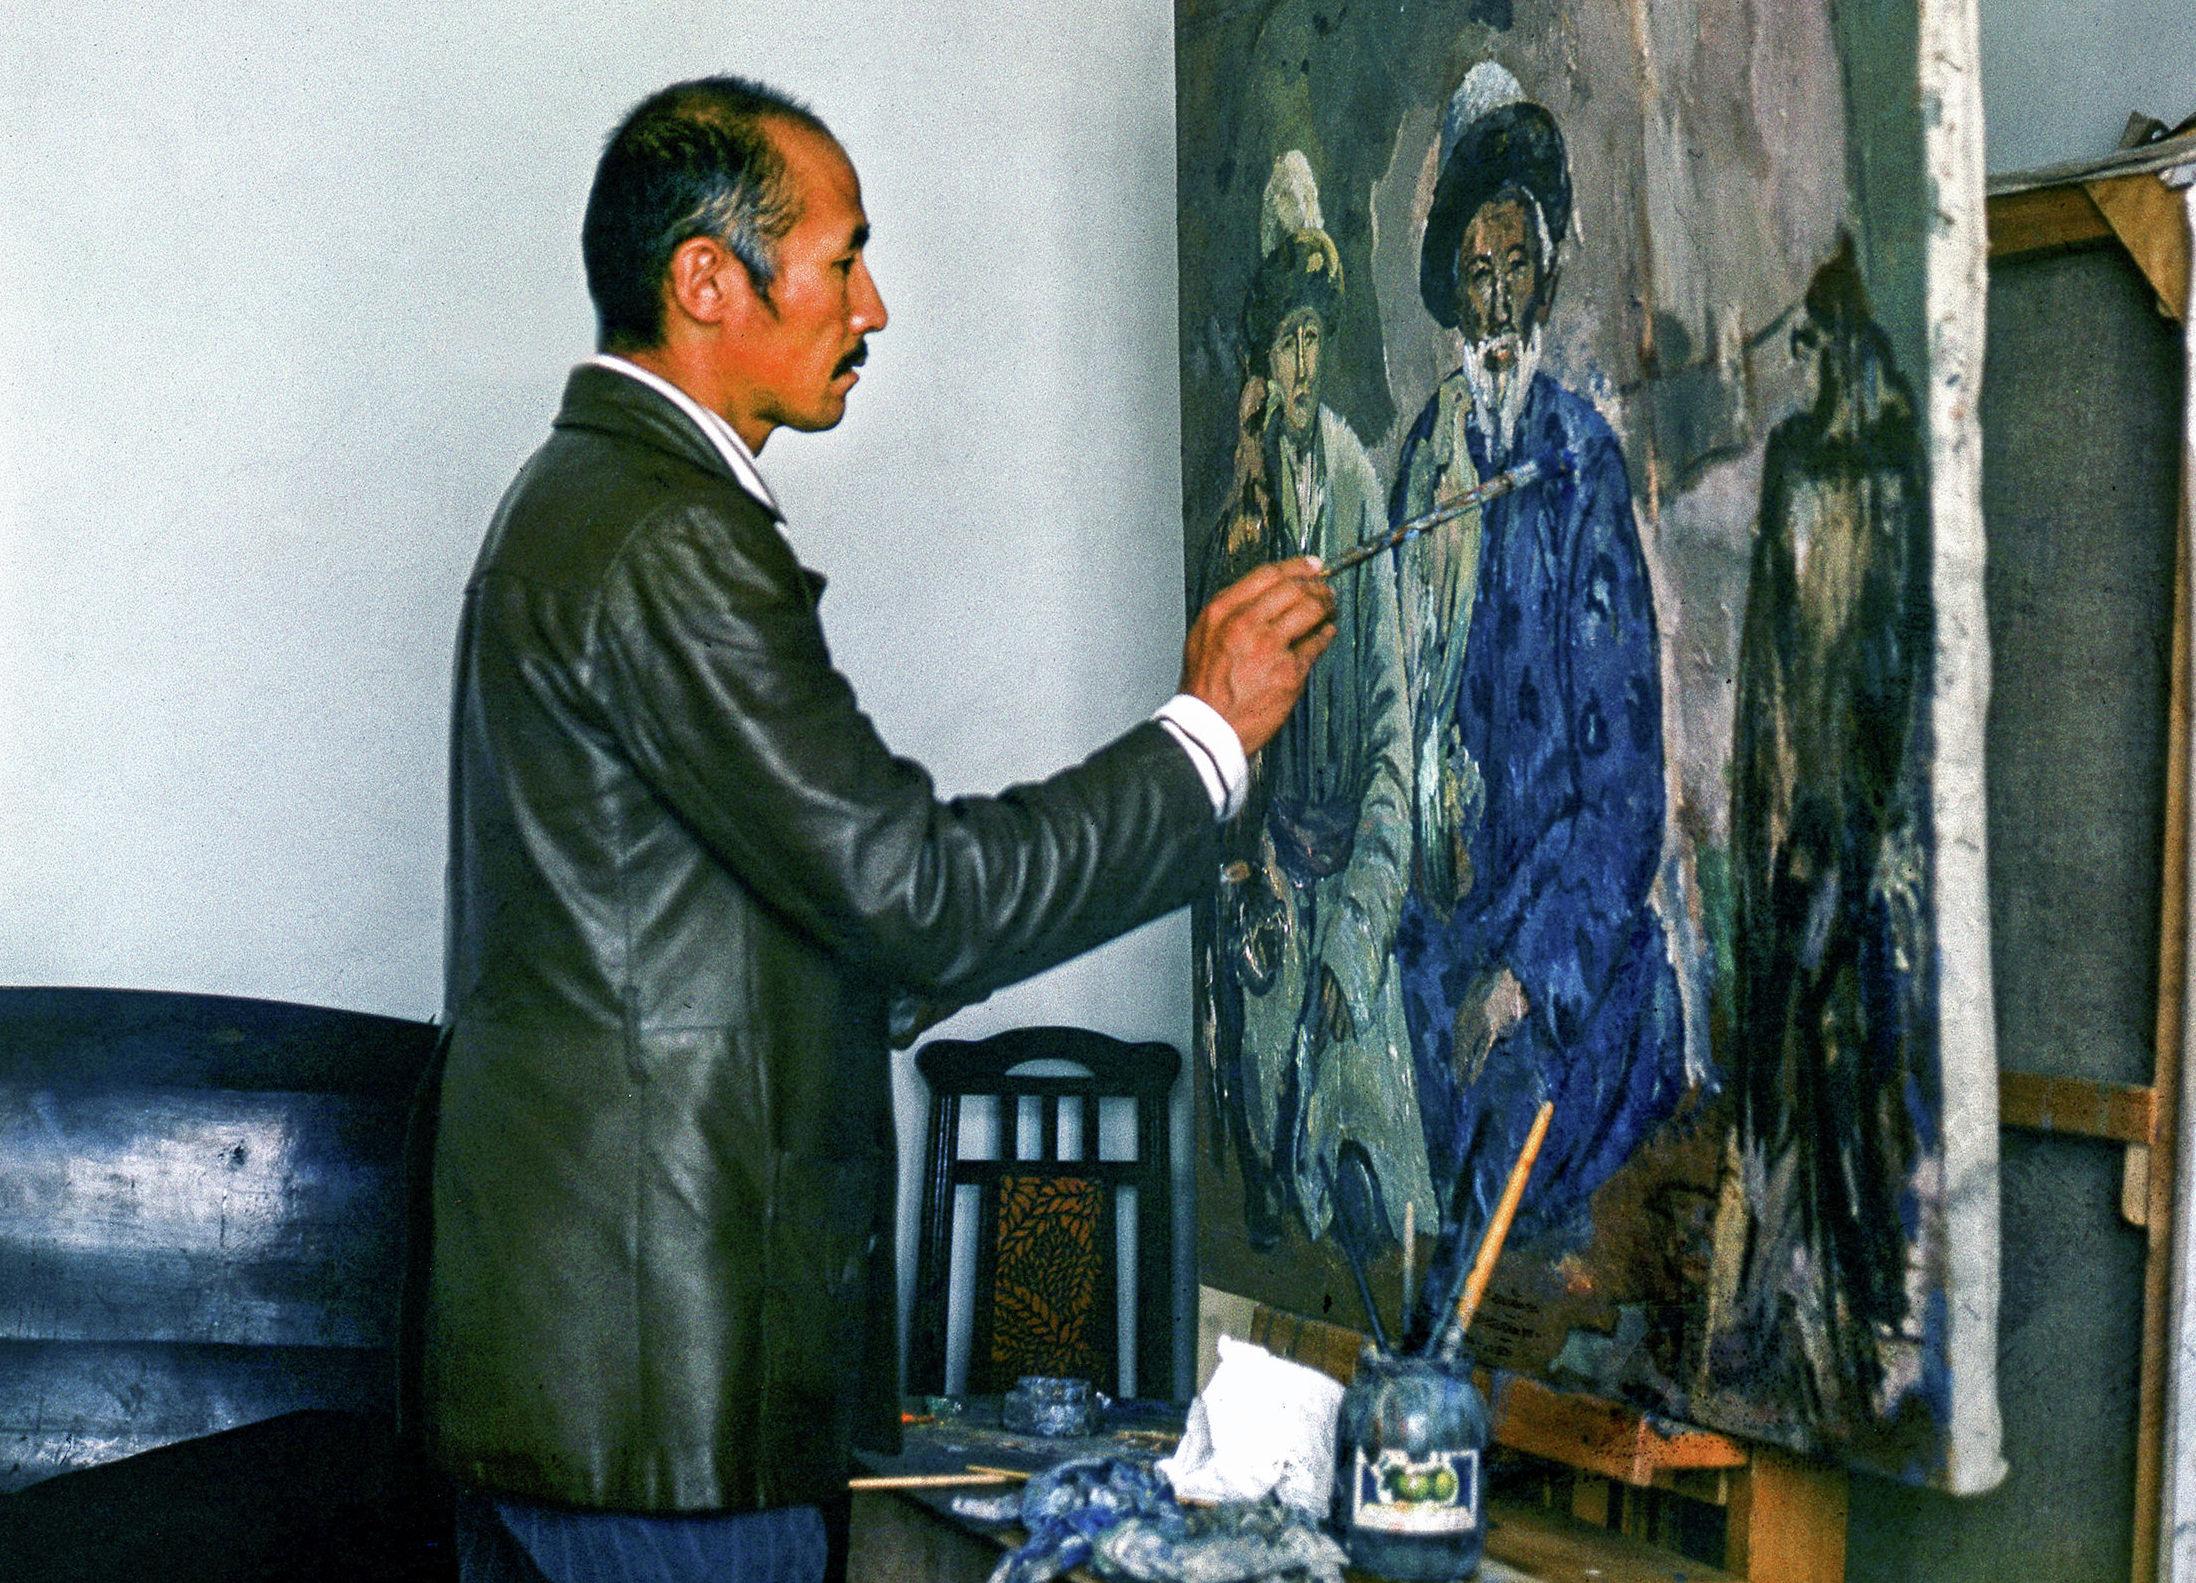 Советский и кыргызский актер кино, художник, народный артист СССР Суйменкул Чокморов